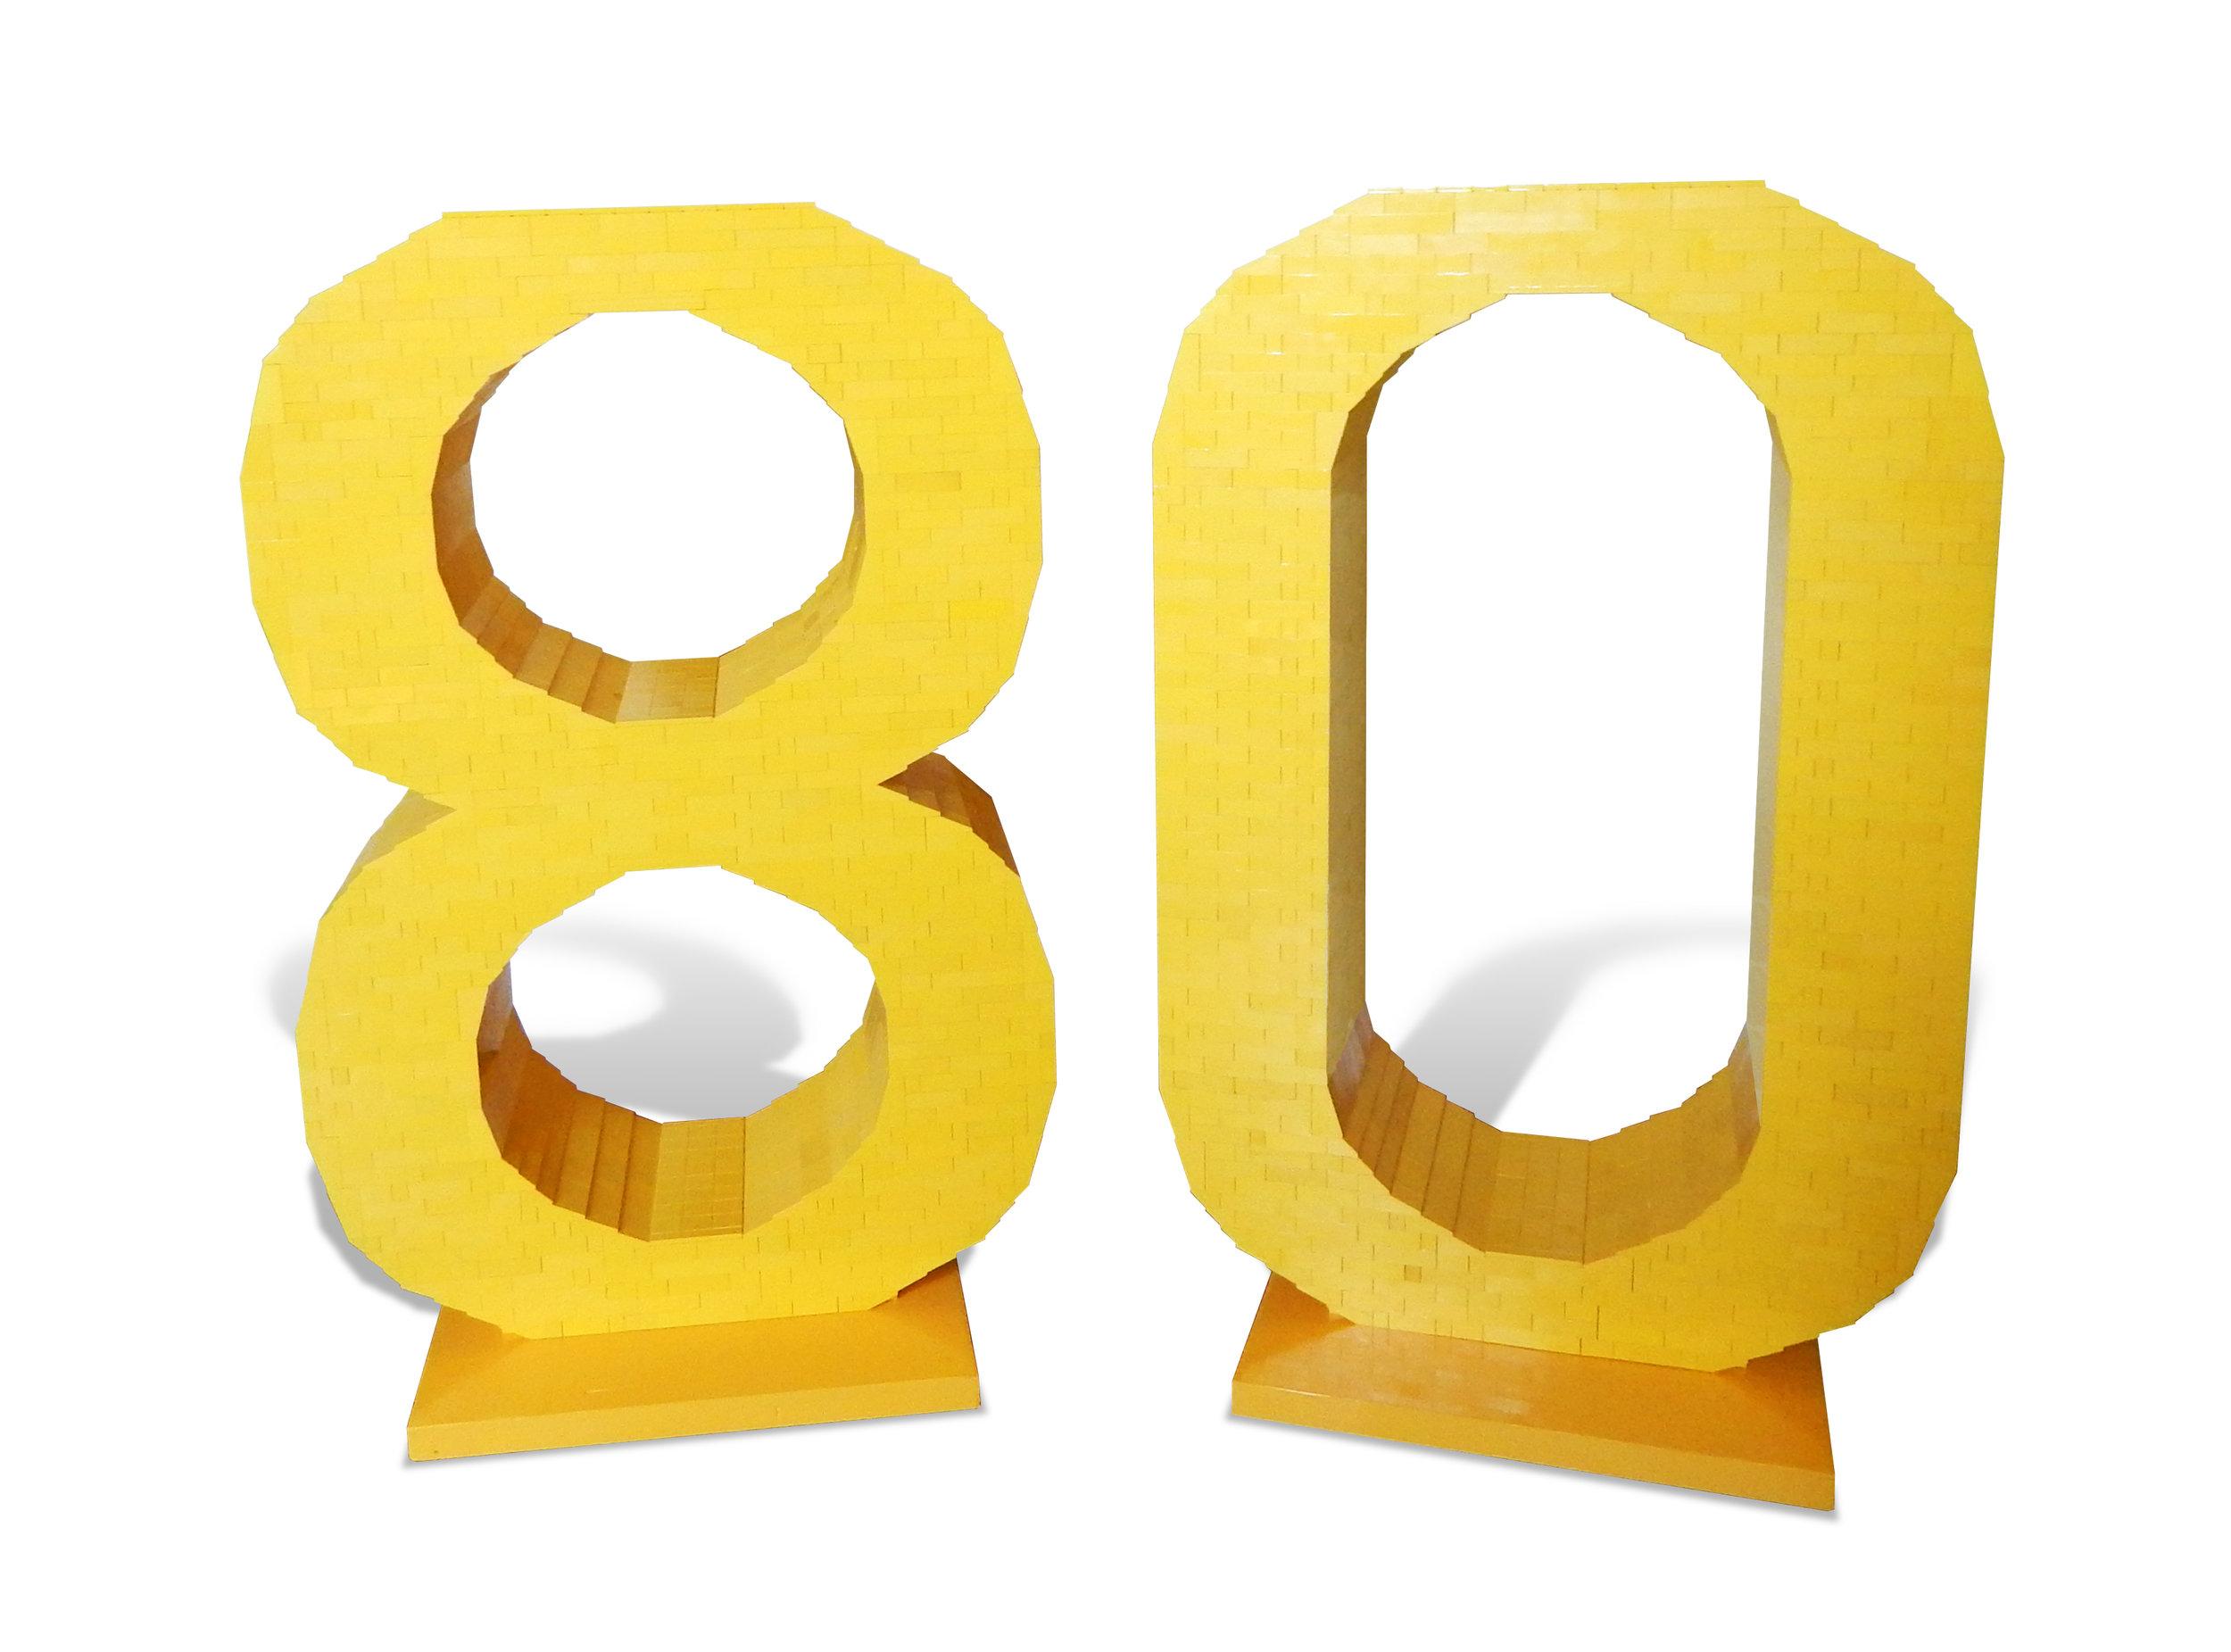 80 Sculpture.jpg